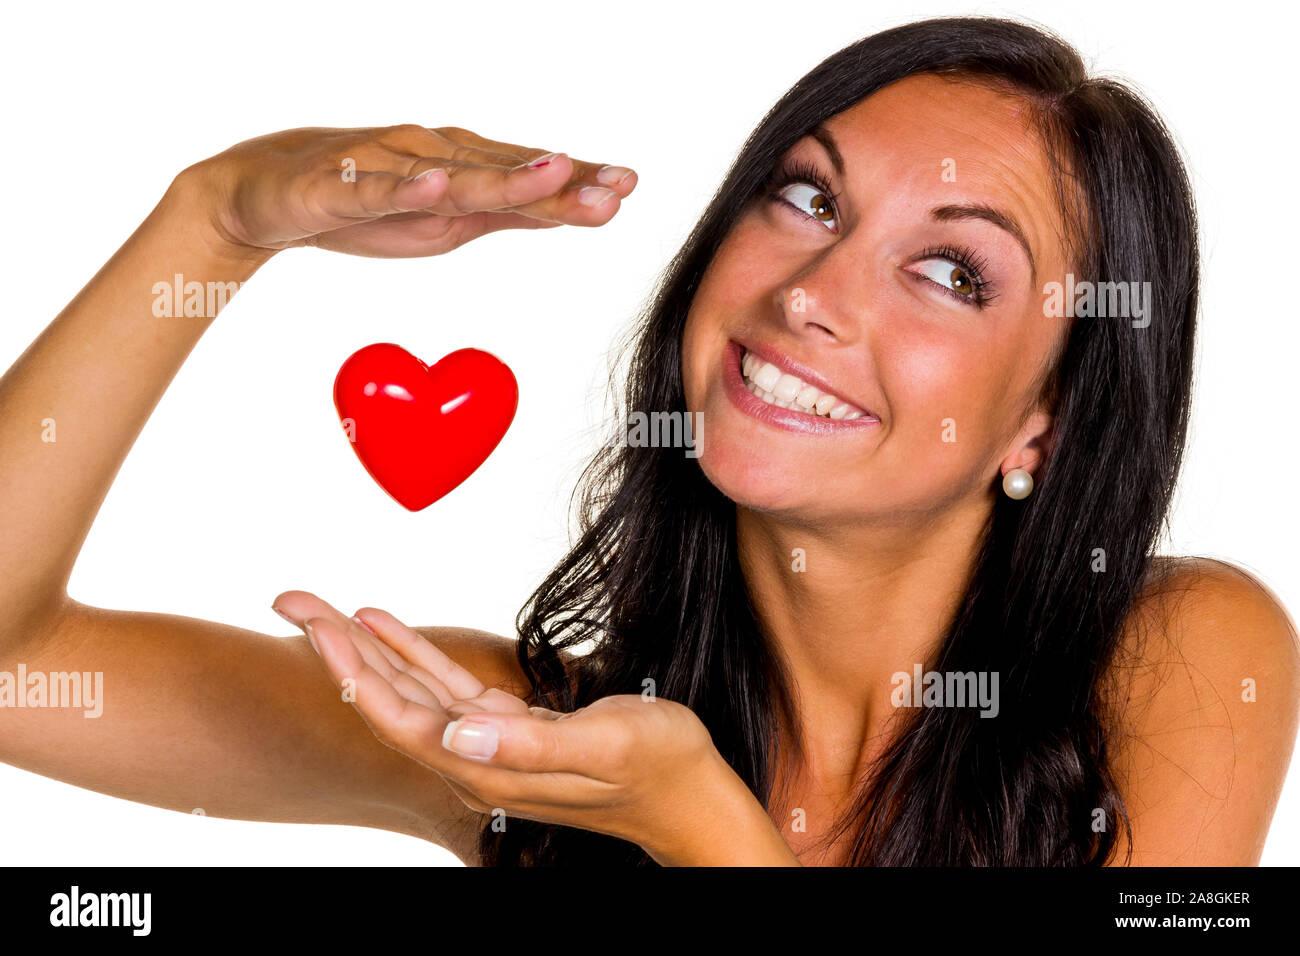 Eine verliebte junge Frau hält ein Herz in der Hand, 20, 25, Jahre, MR: Yes Stock Photo